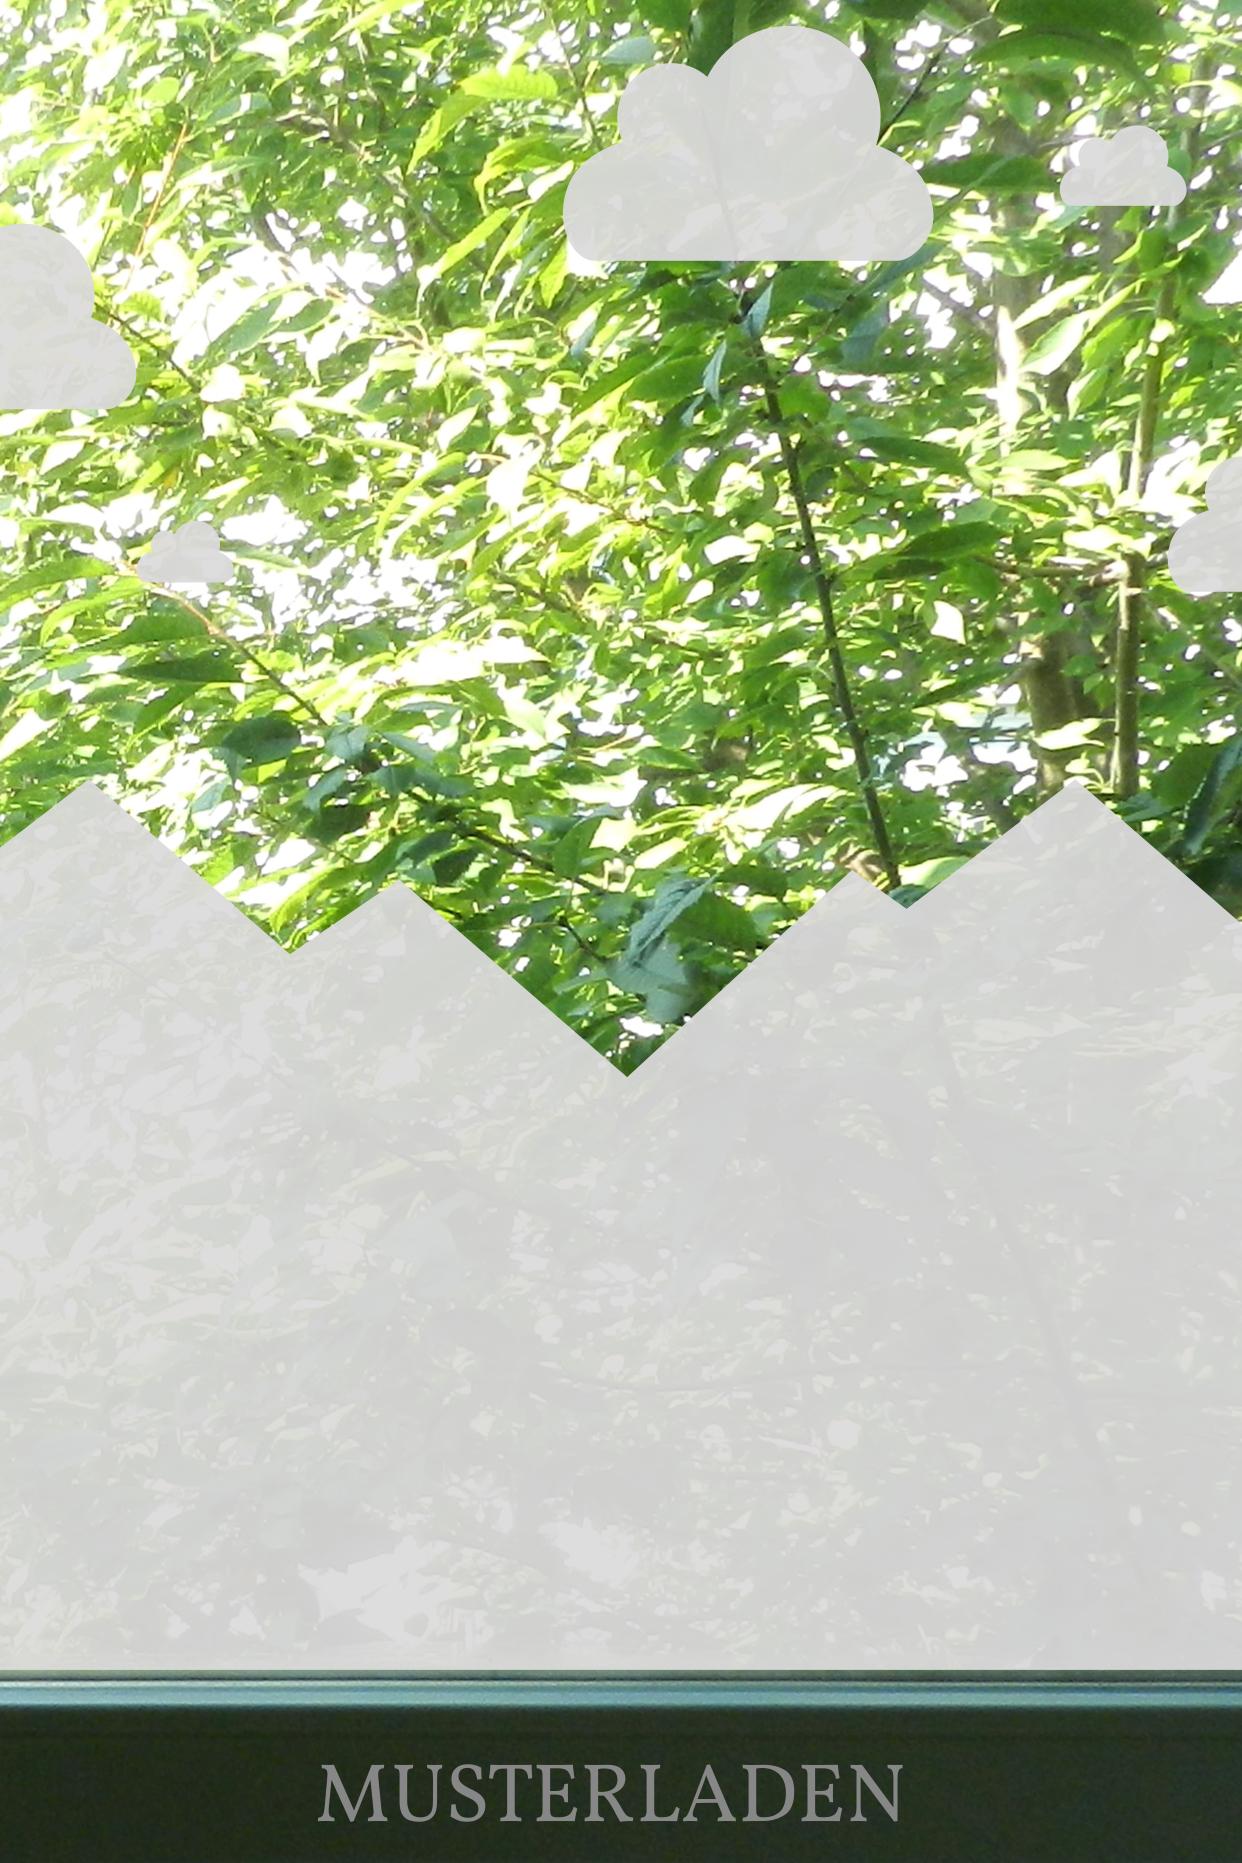 Fensterfolien Motive Berge und Wolken - Musterladen